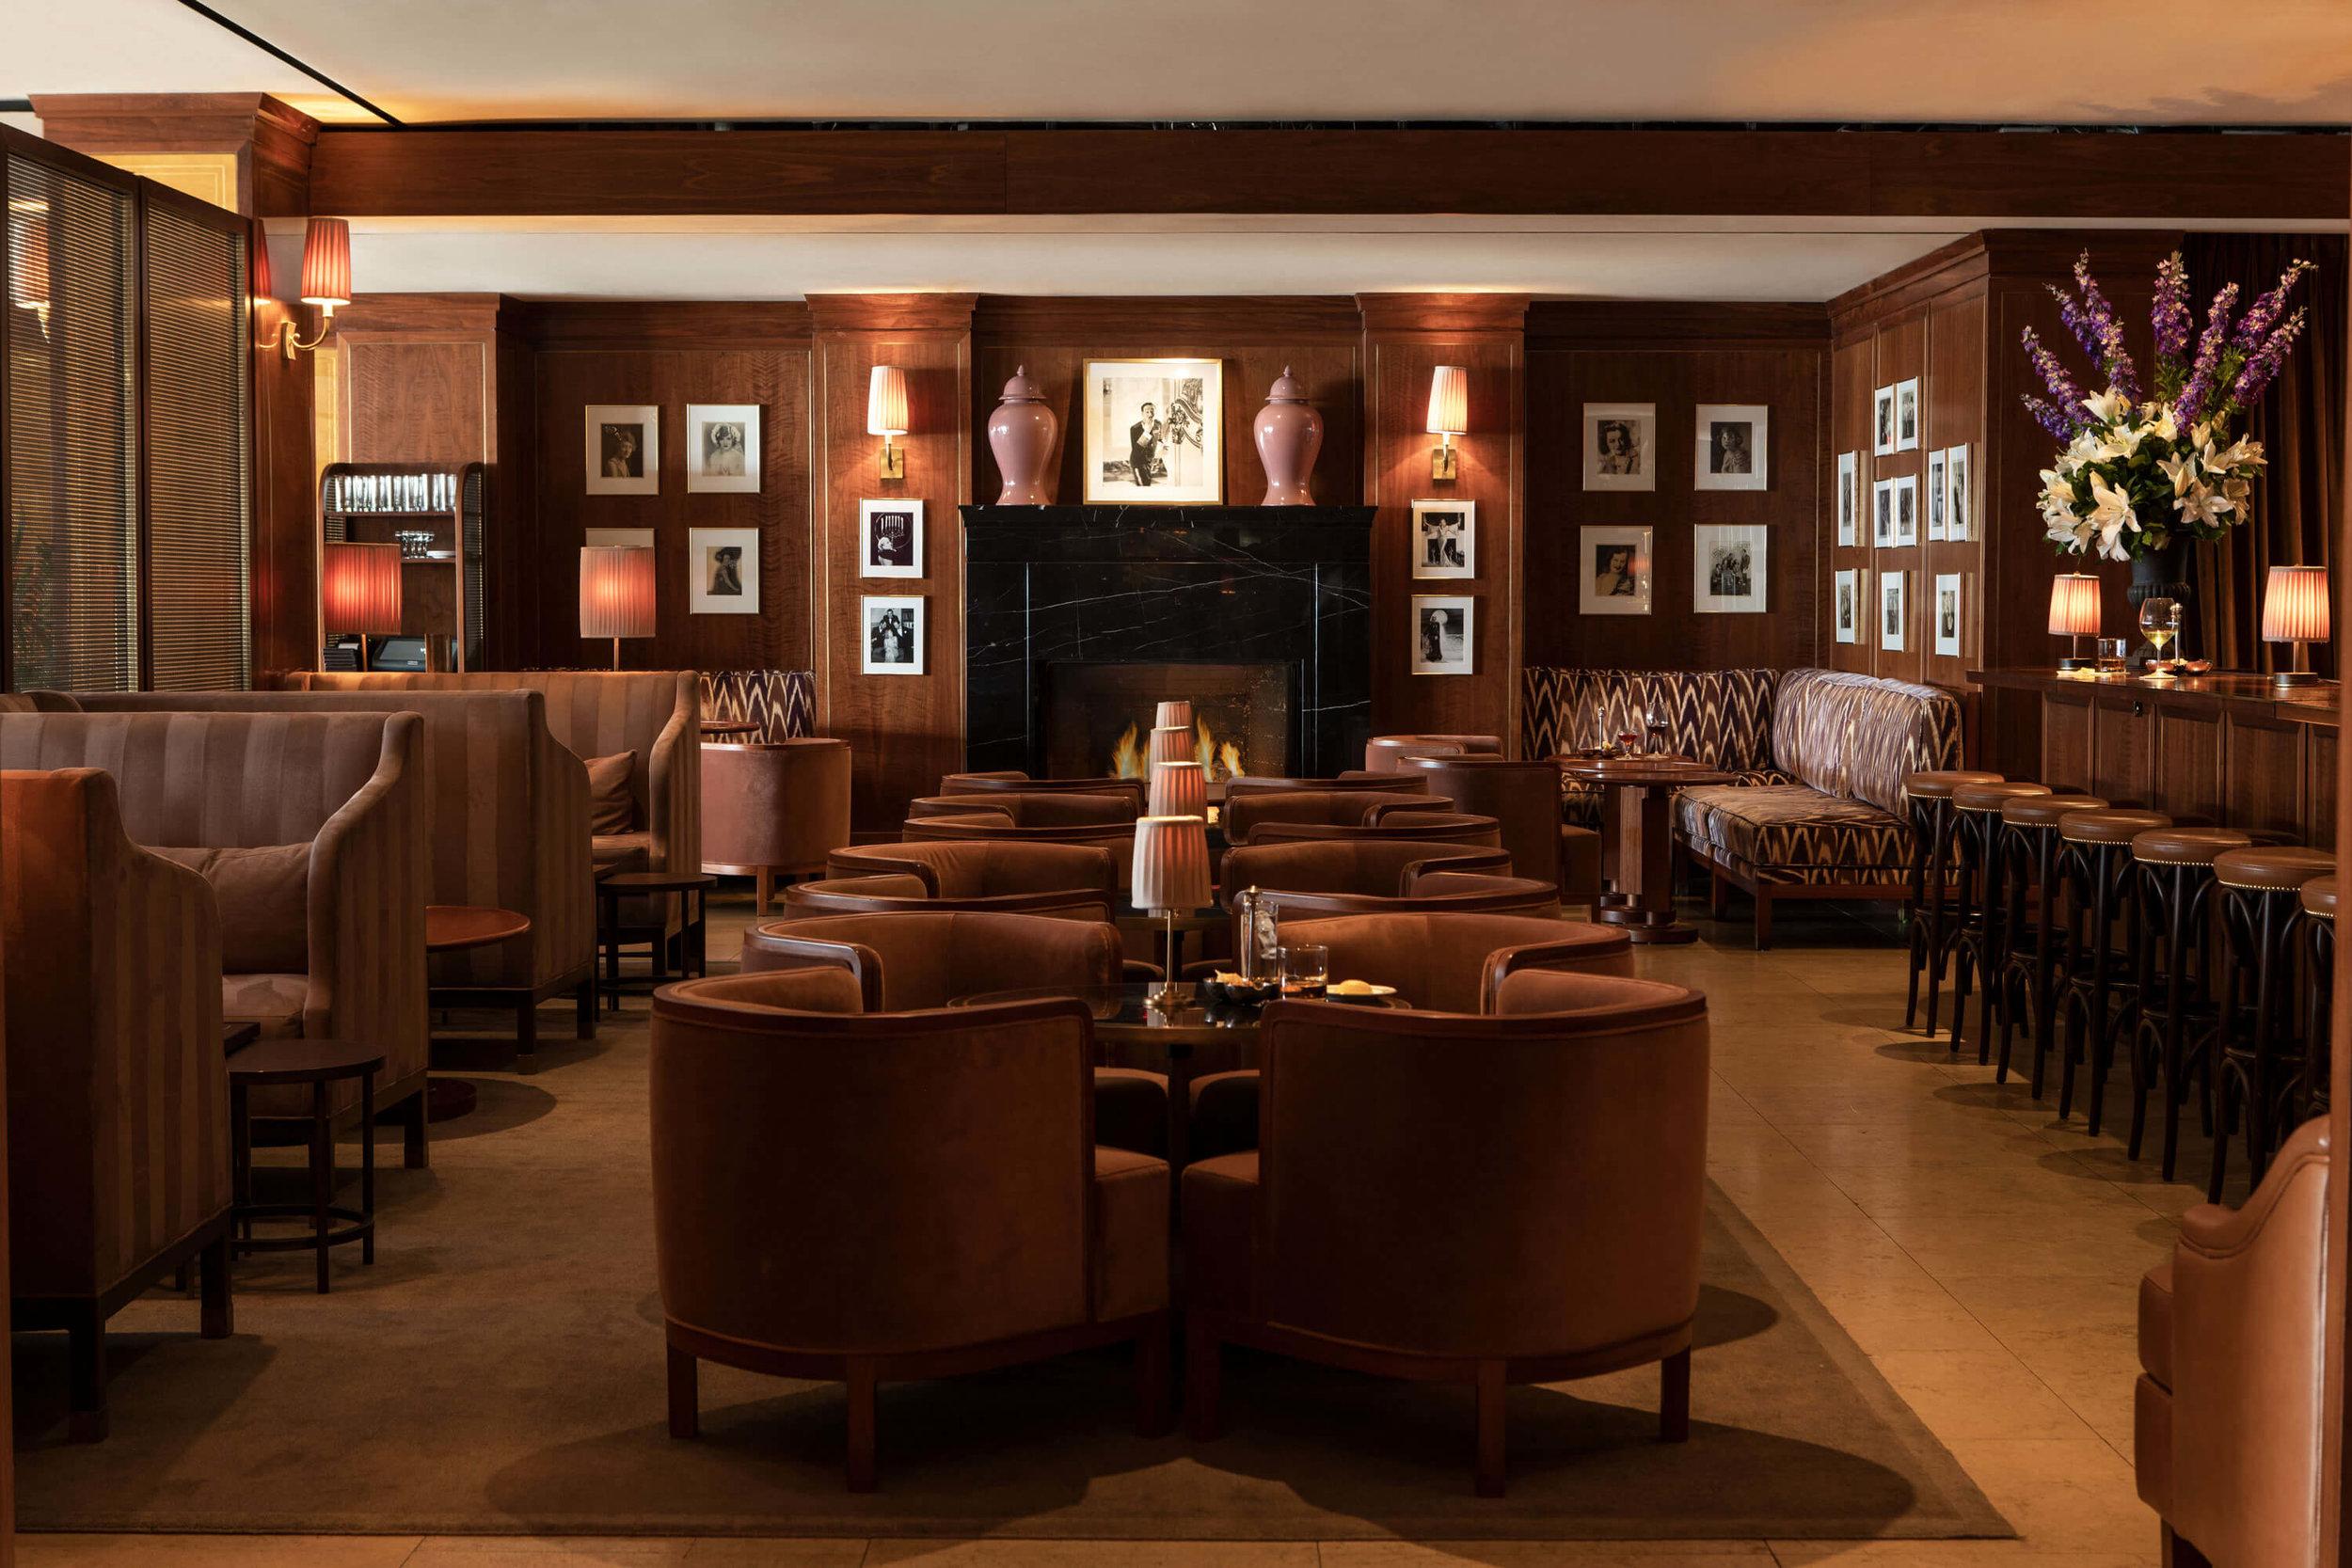 Sunset-Tower-Terrace_Restaurant_Interior-01.jpg